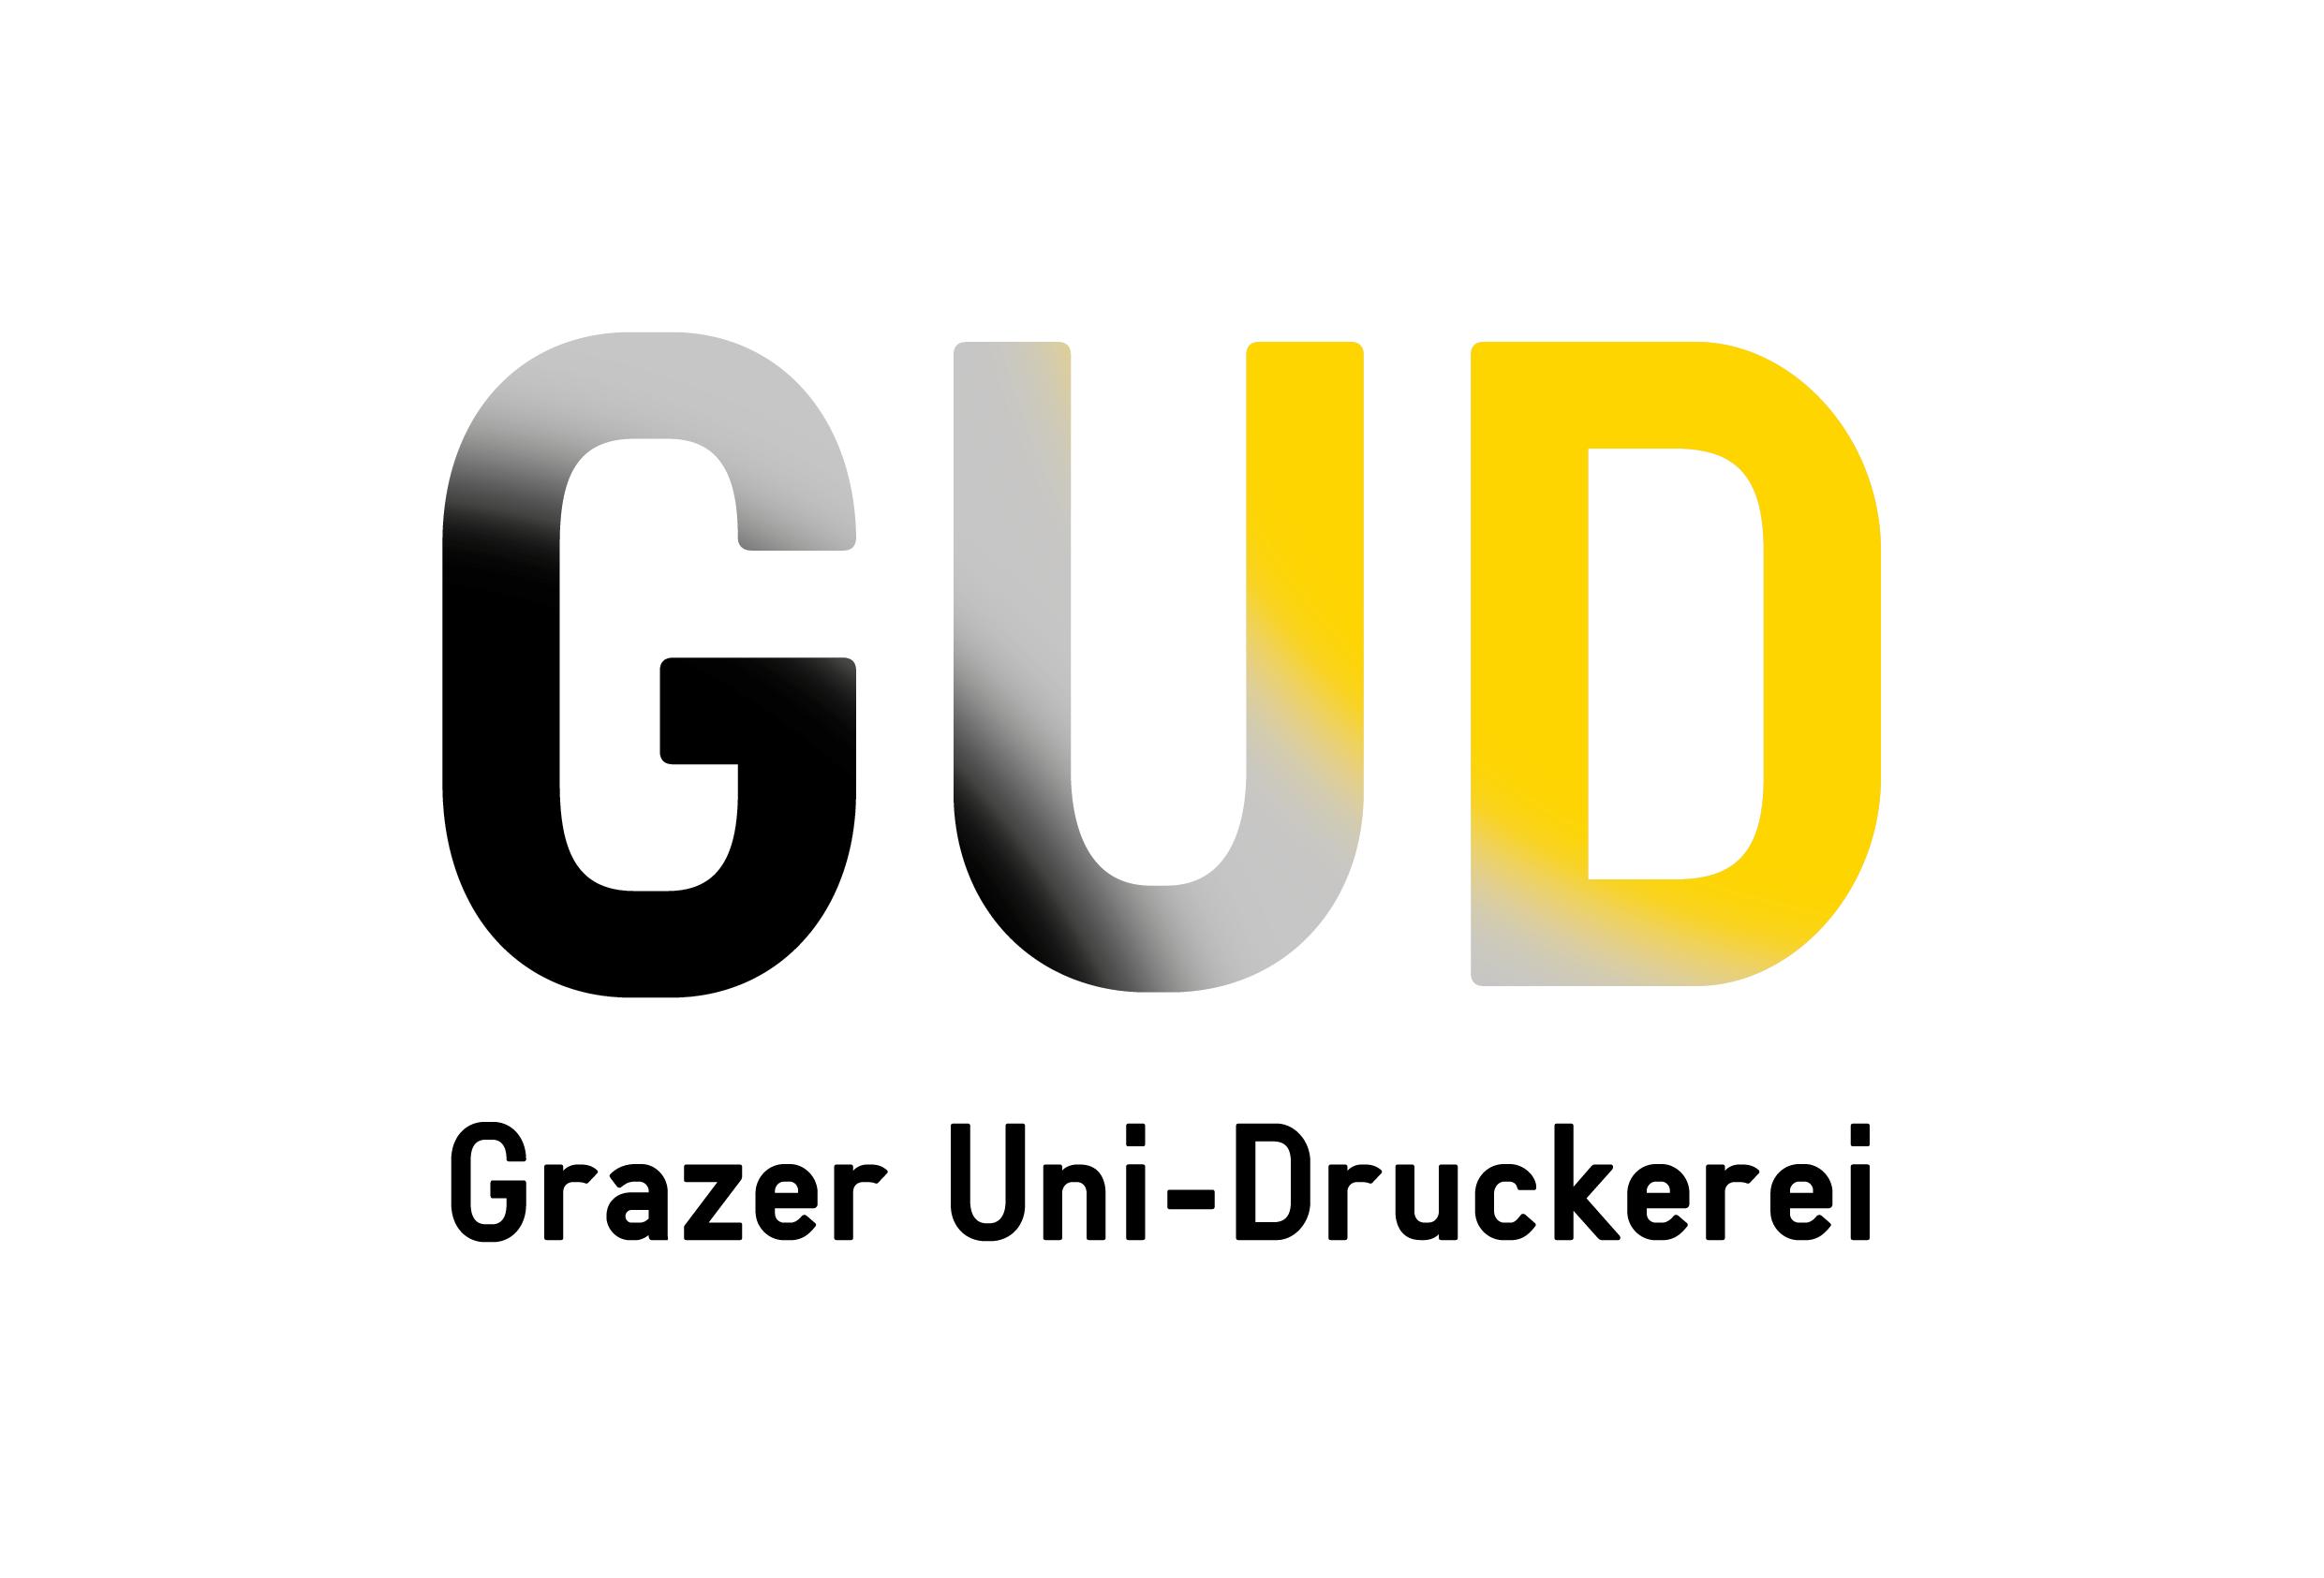 Servicebetrieb öh Uni Graz Gmbh Druckerei Allgemein In